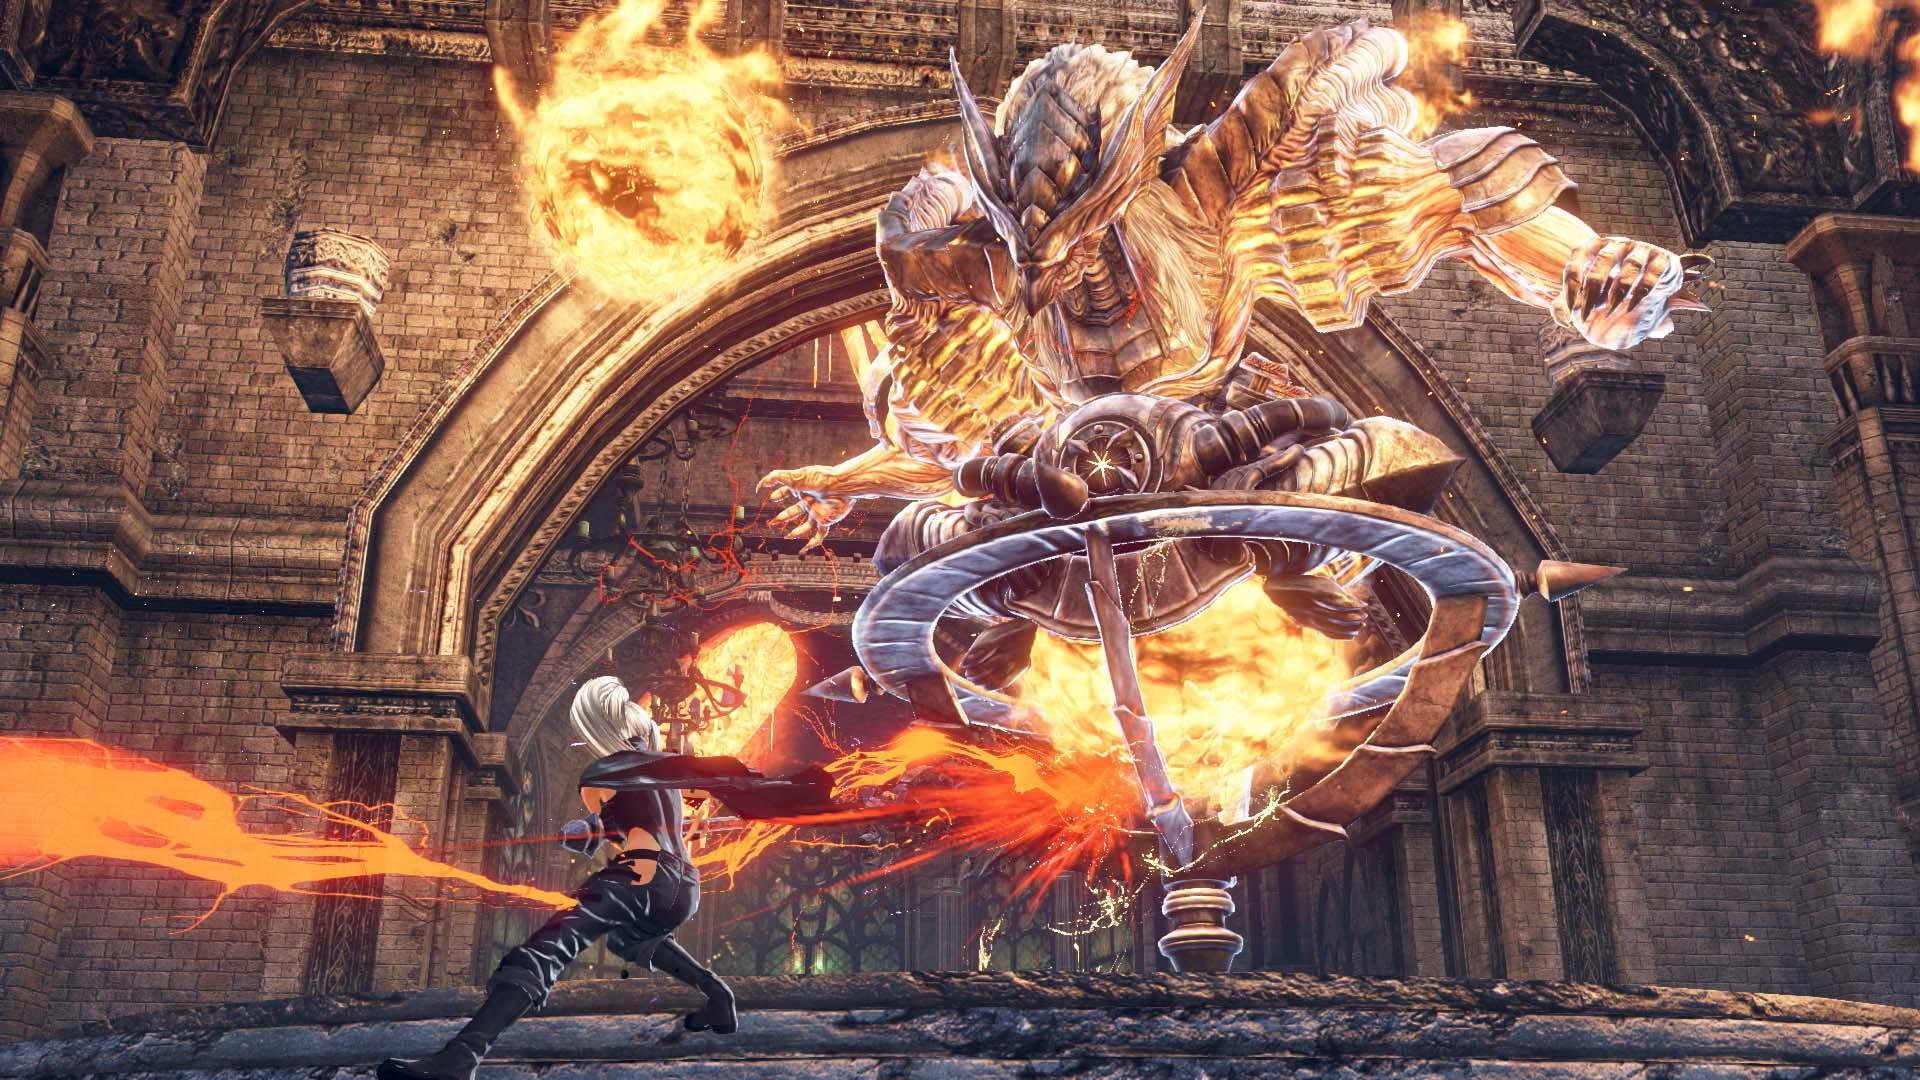 游戏体验大幅改善 《噬神者3》最新免费更新上线